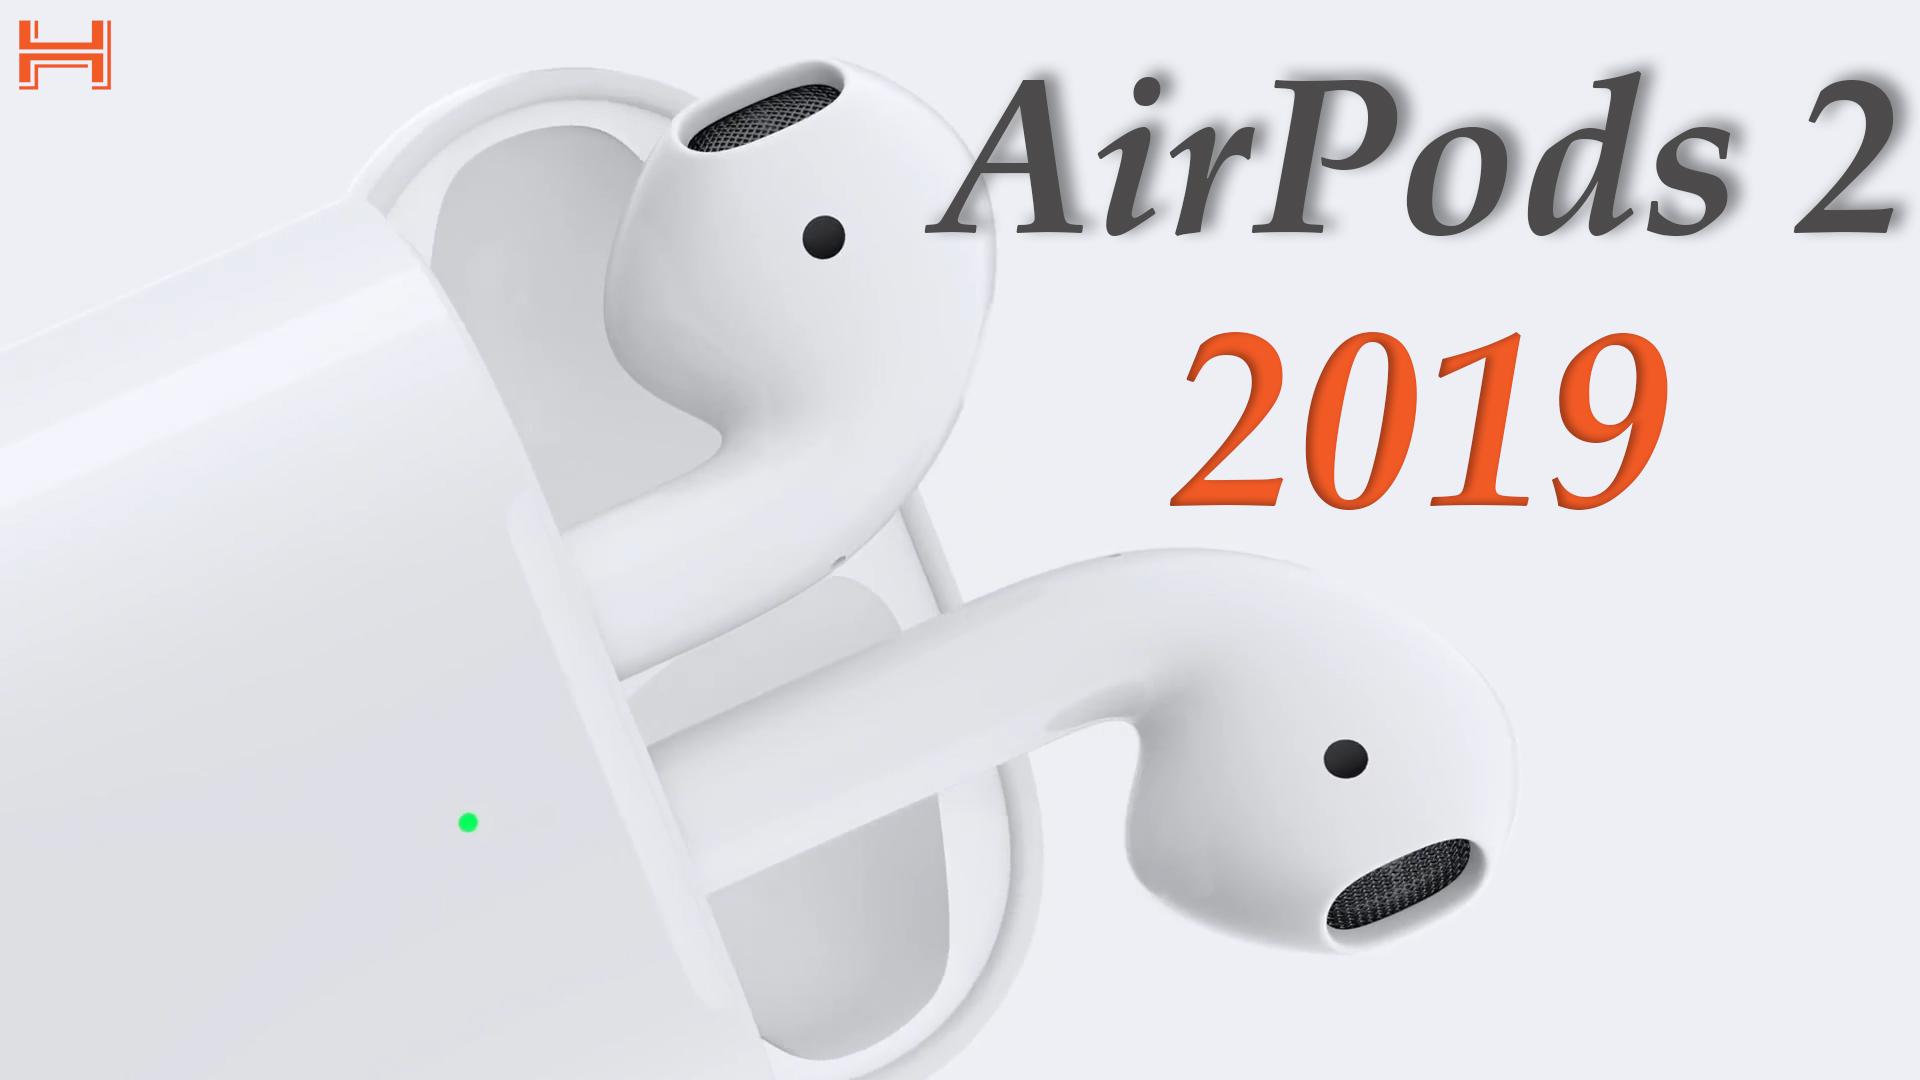 AirPods 2 2019: Chip H1 mới, sạc không dây, pin 24 giờ, giá từ 159 USD hình 1